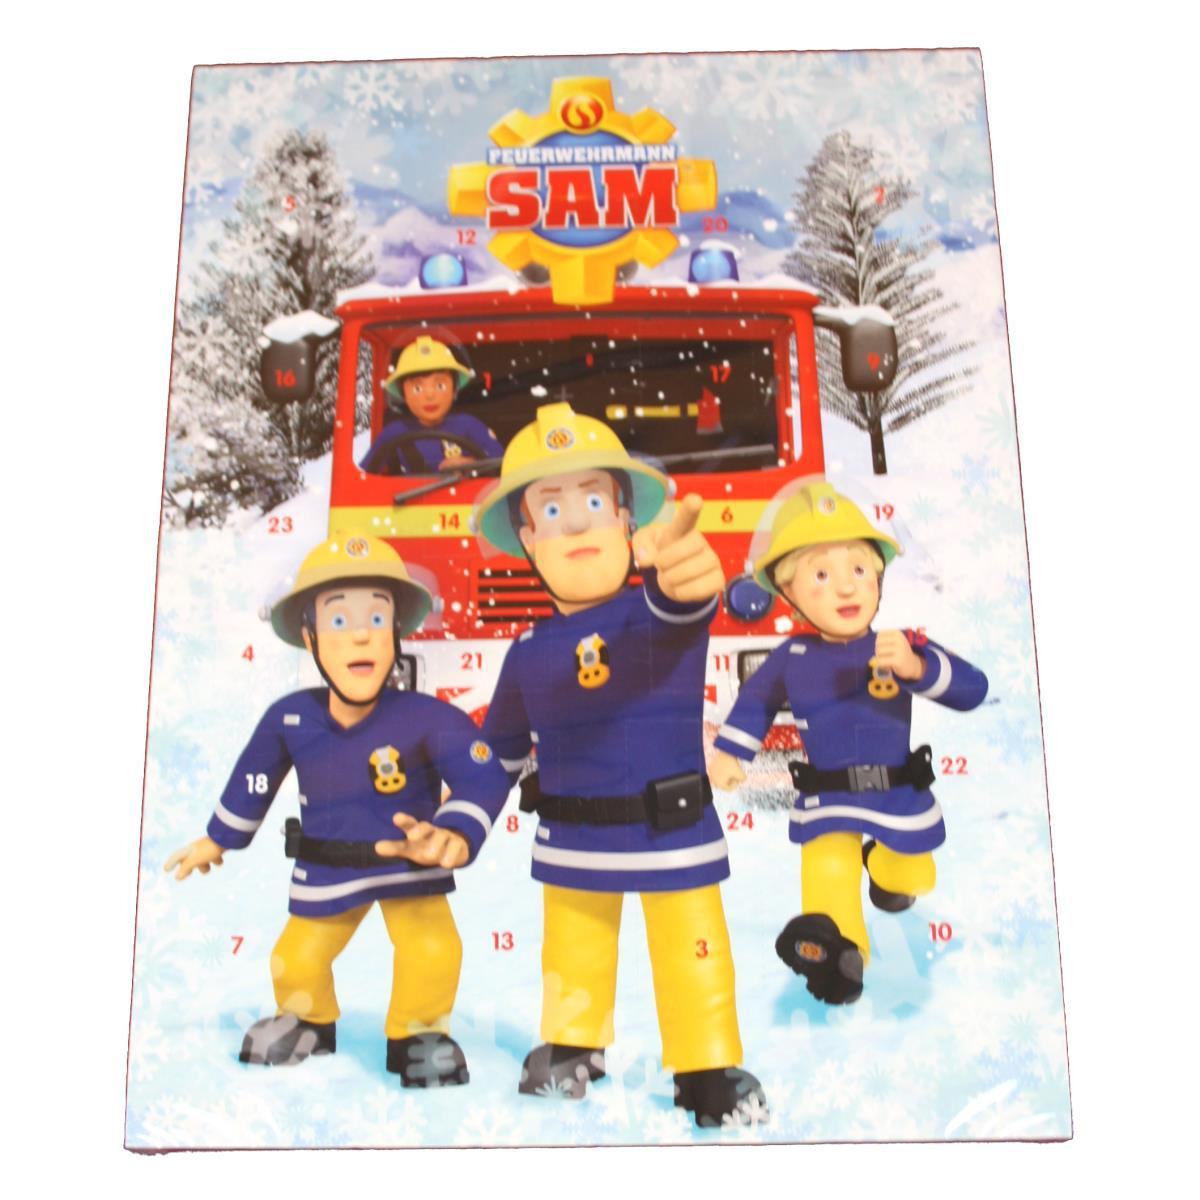 Windel Weihnachtskalender.Windel Feuerwehrmann Sam Adventskalender 75g Weihnachtskalender Kalender